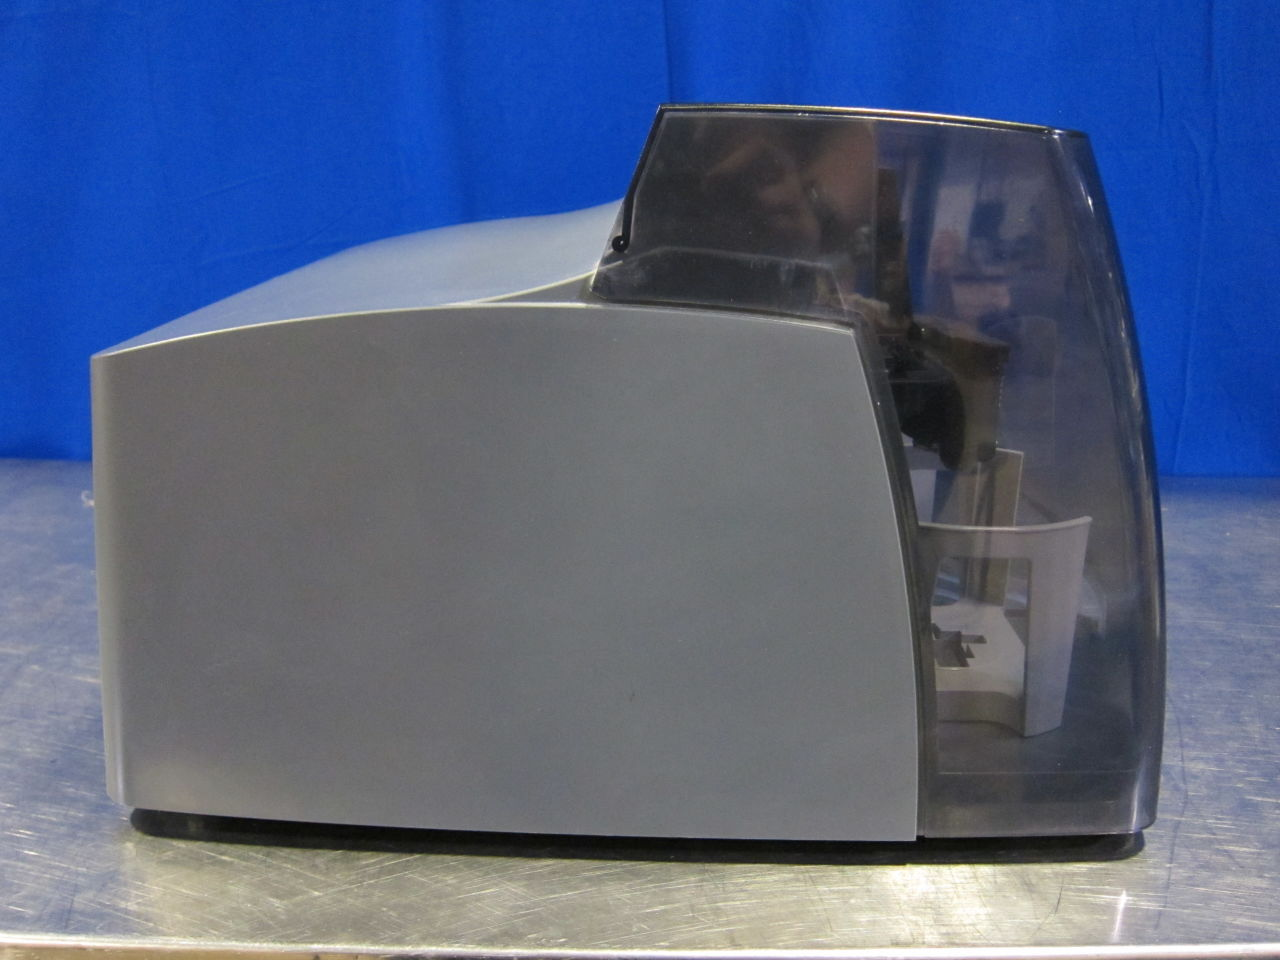 PRIMERA 4100 Series  - Lot of 2 CD/DVD Drive/Burner